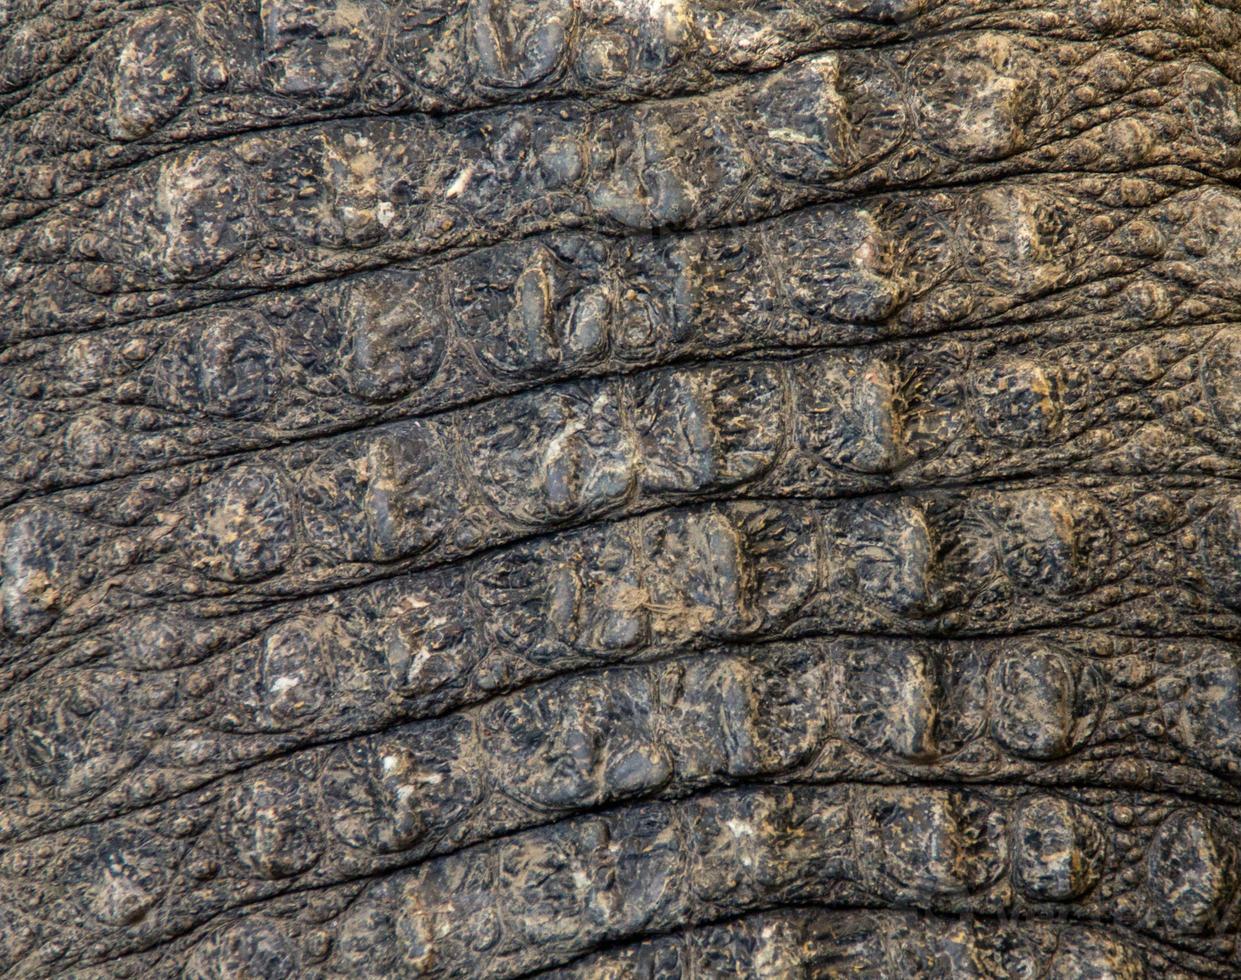 krokodilen för konsistens foto